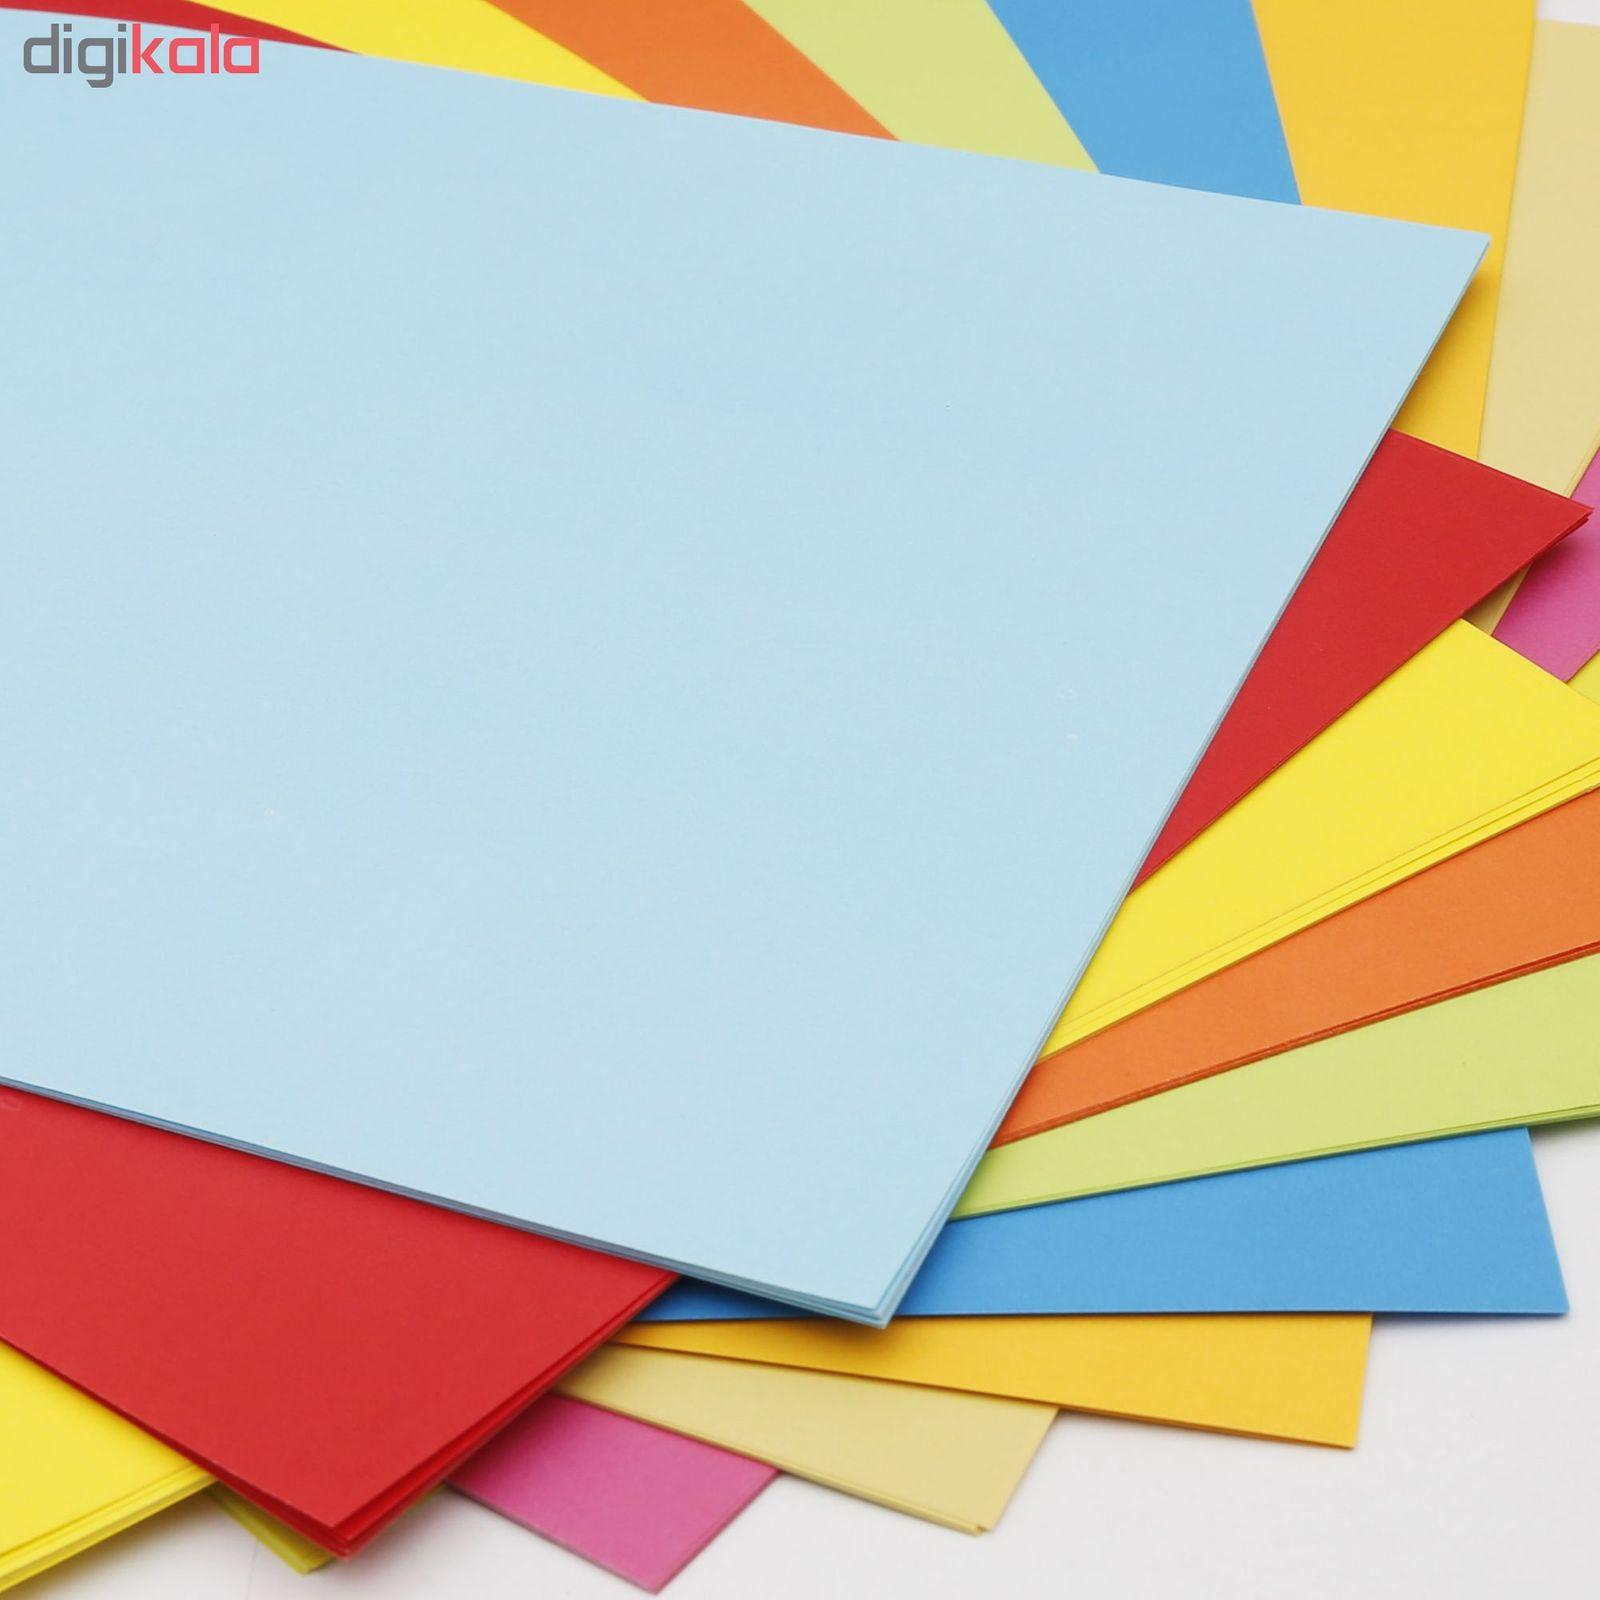 کاغذ A4 مدل A10 بسته ۱۰۰ عددی main 1 2